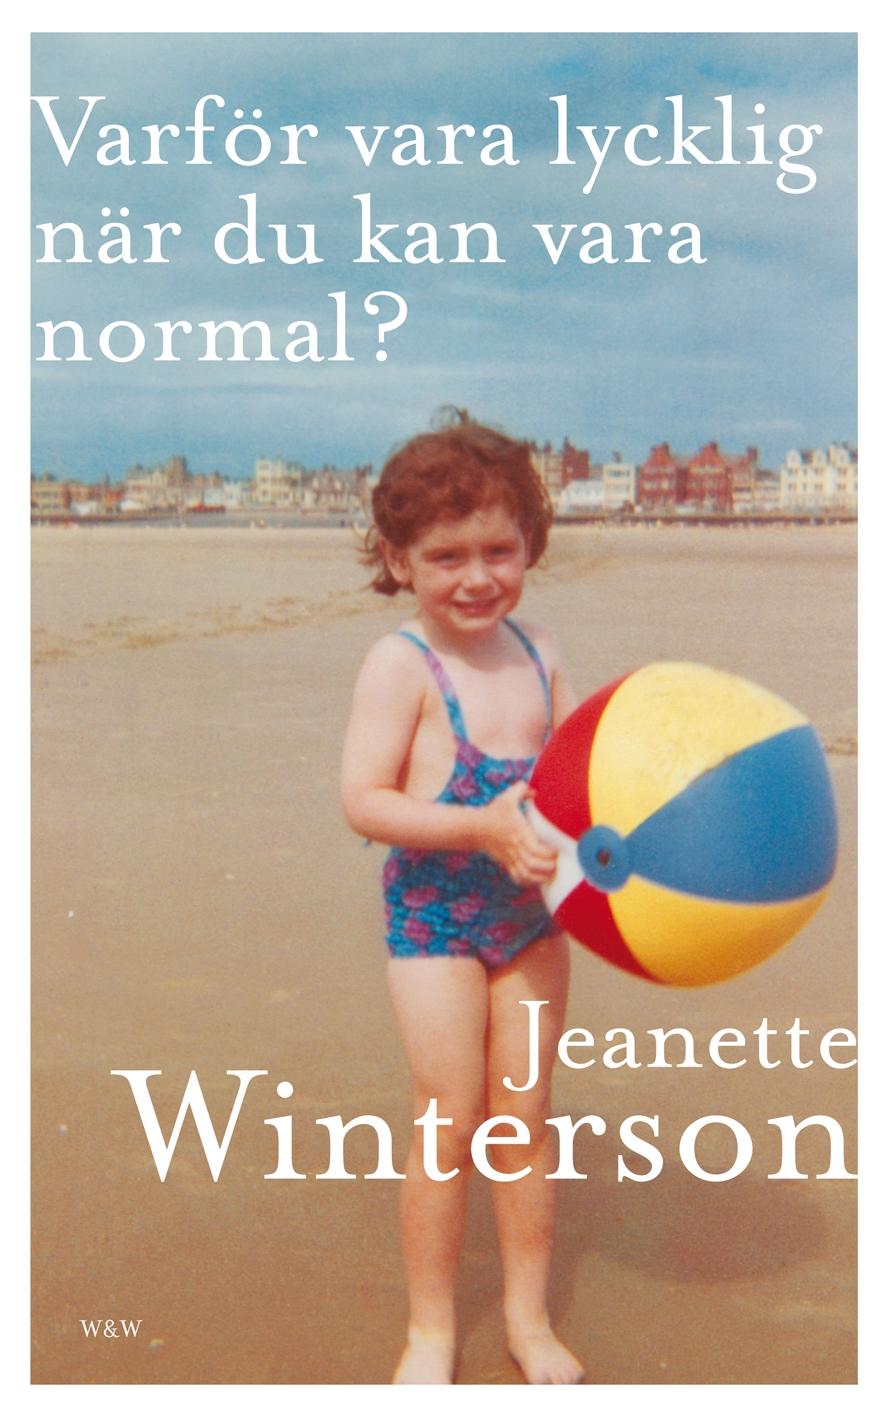 Varför vara lycklig när du kan vara normal?, Jeanette Winterson